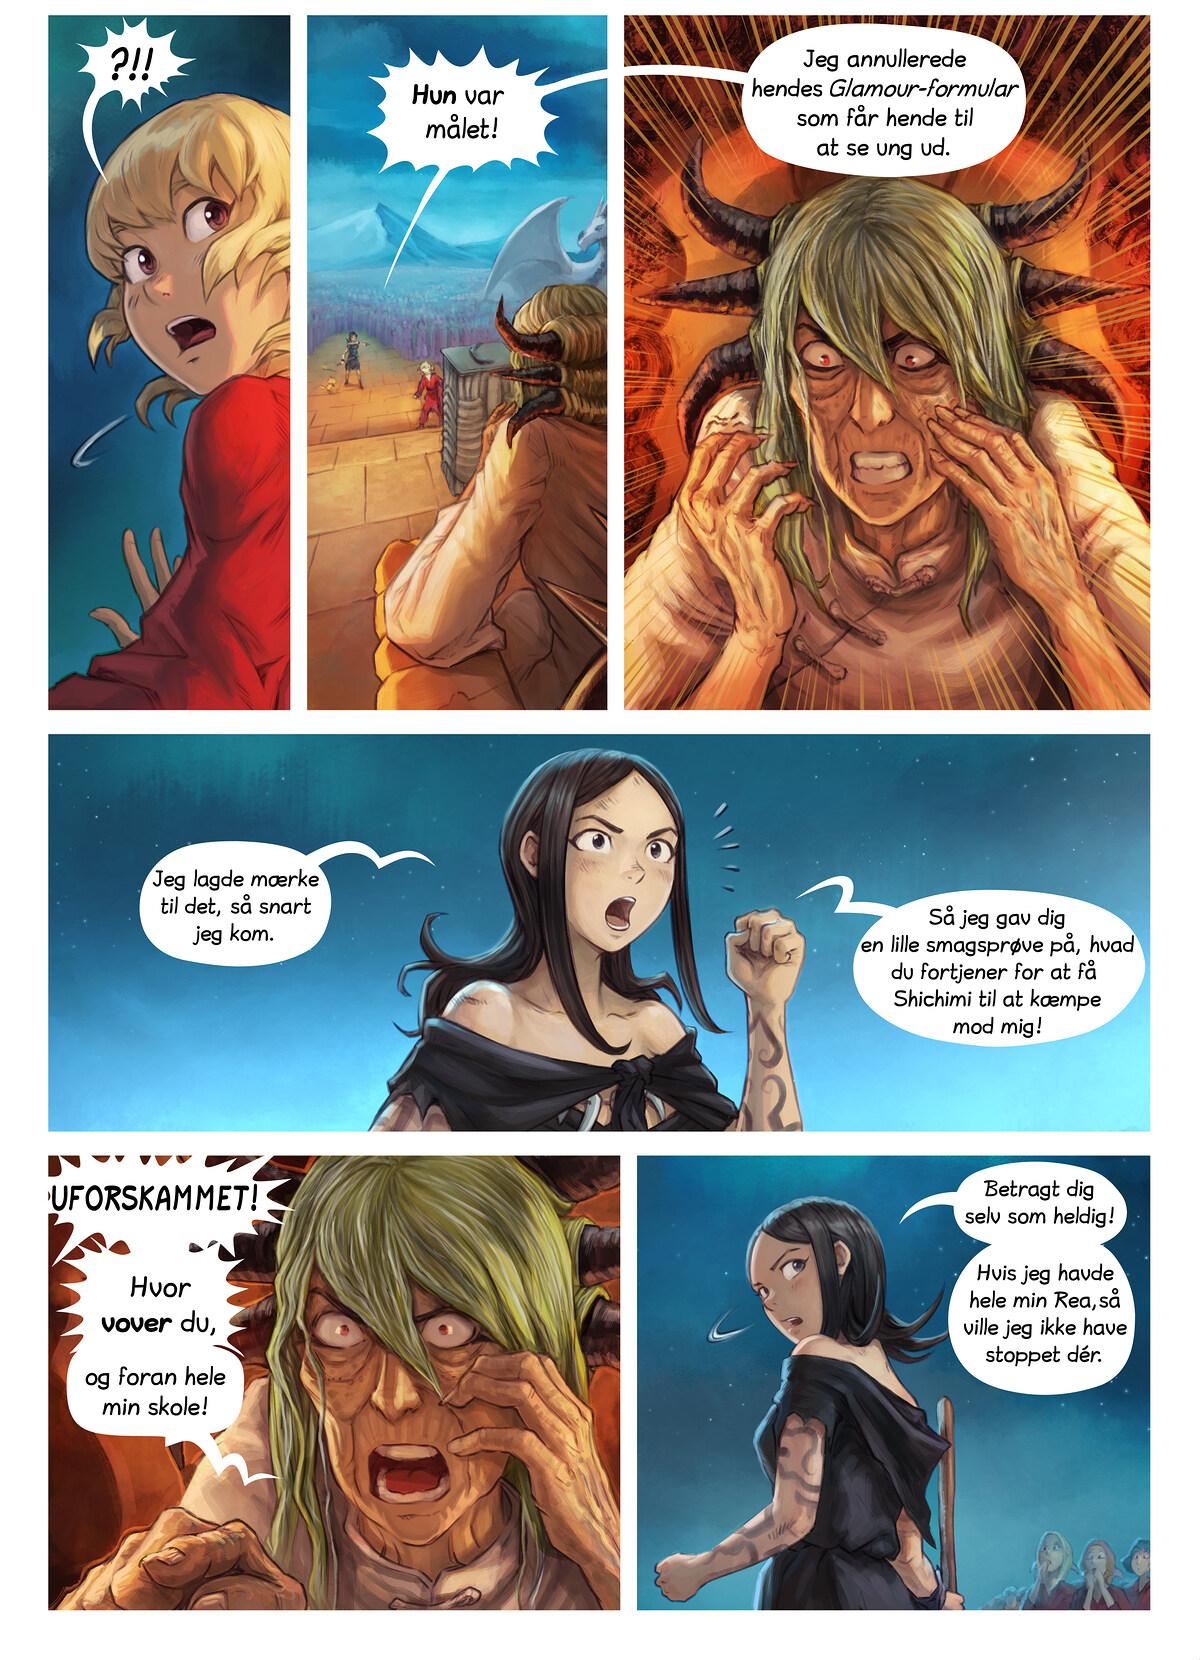 Episode 34: Shichimi slås til ridder, Page 8